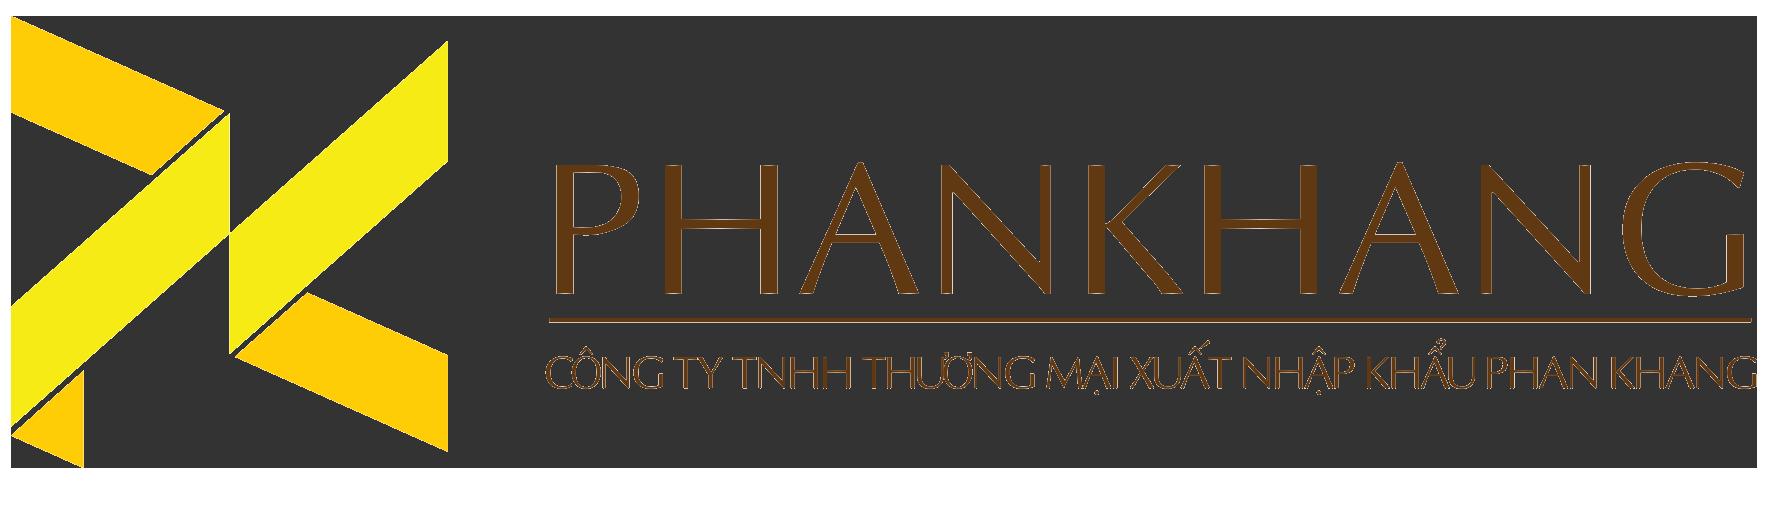 Công ty TNHH PHAN KHANG